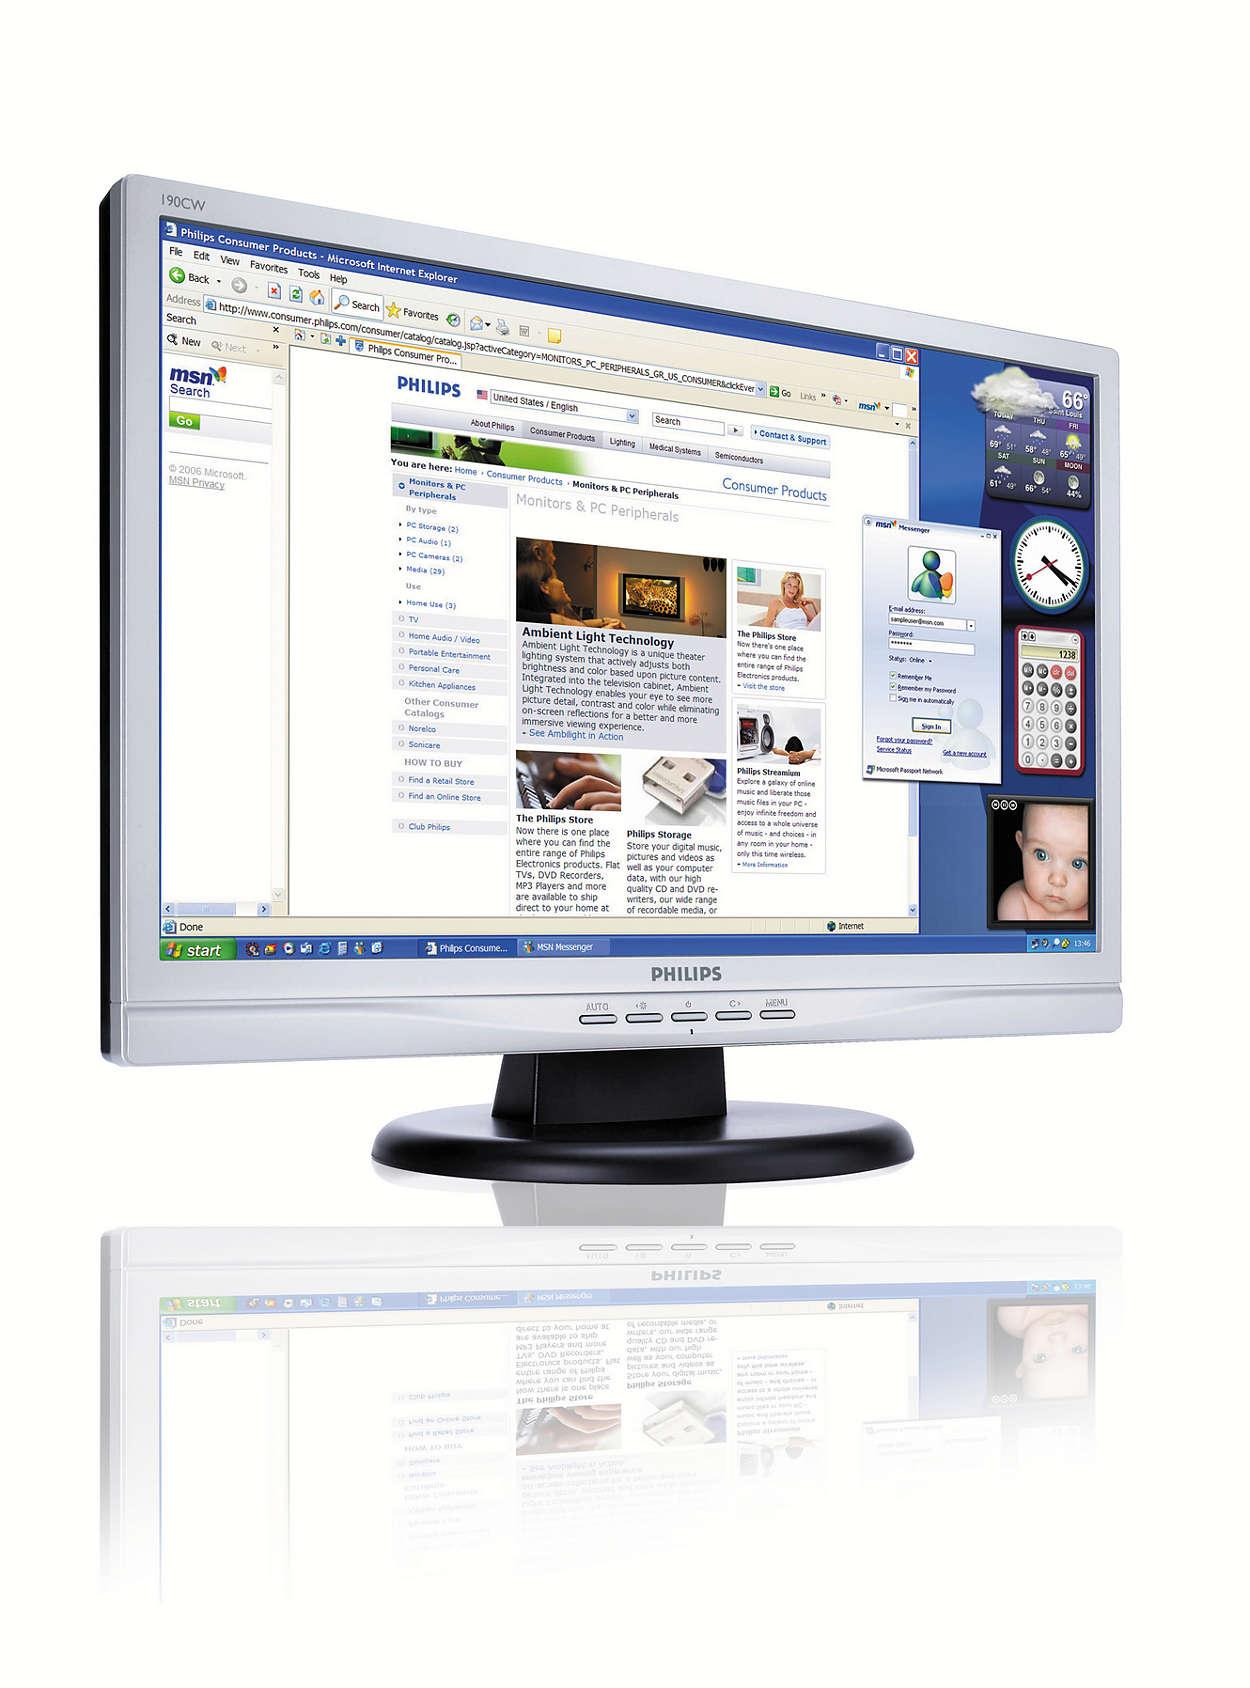 LCD-breedbeeldmonitor die het meeste waar biedt voor uw geld